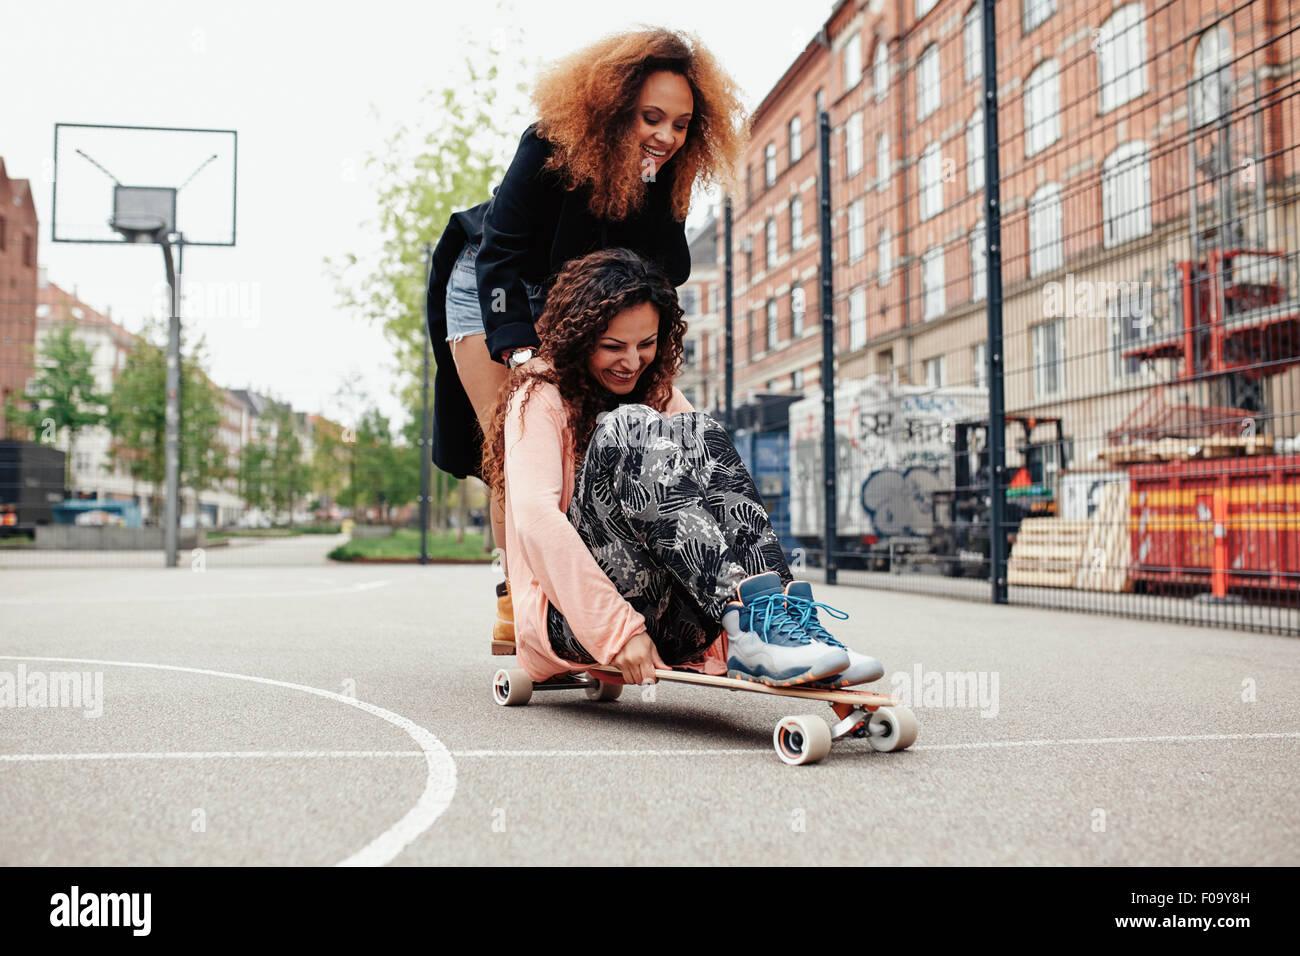 Giocoso foto di due donne all'esterno. Giovane donna seduta su longboard che viene spinto dal suo amico lungo Immagini Stock